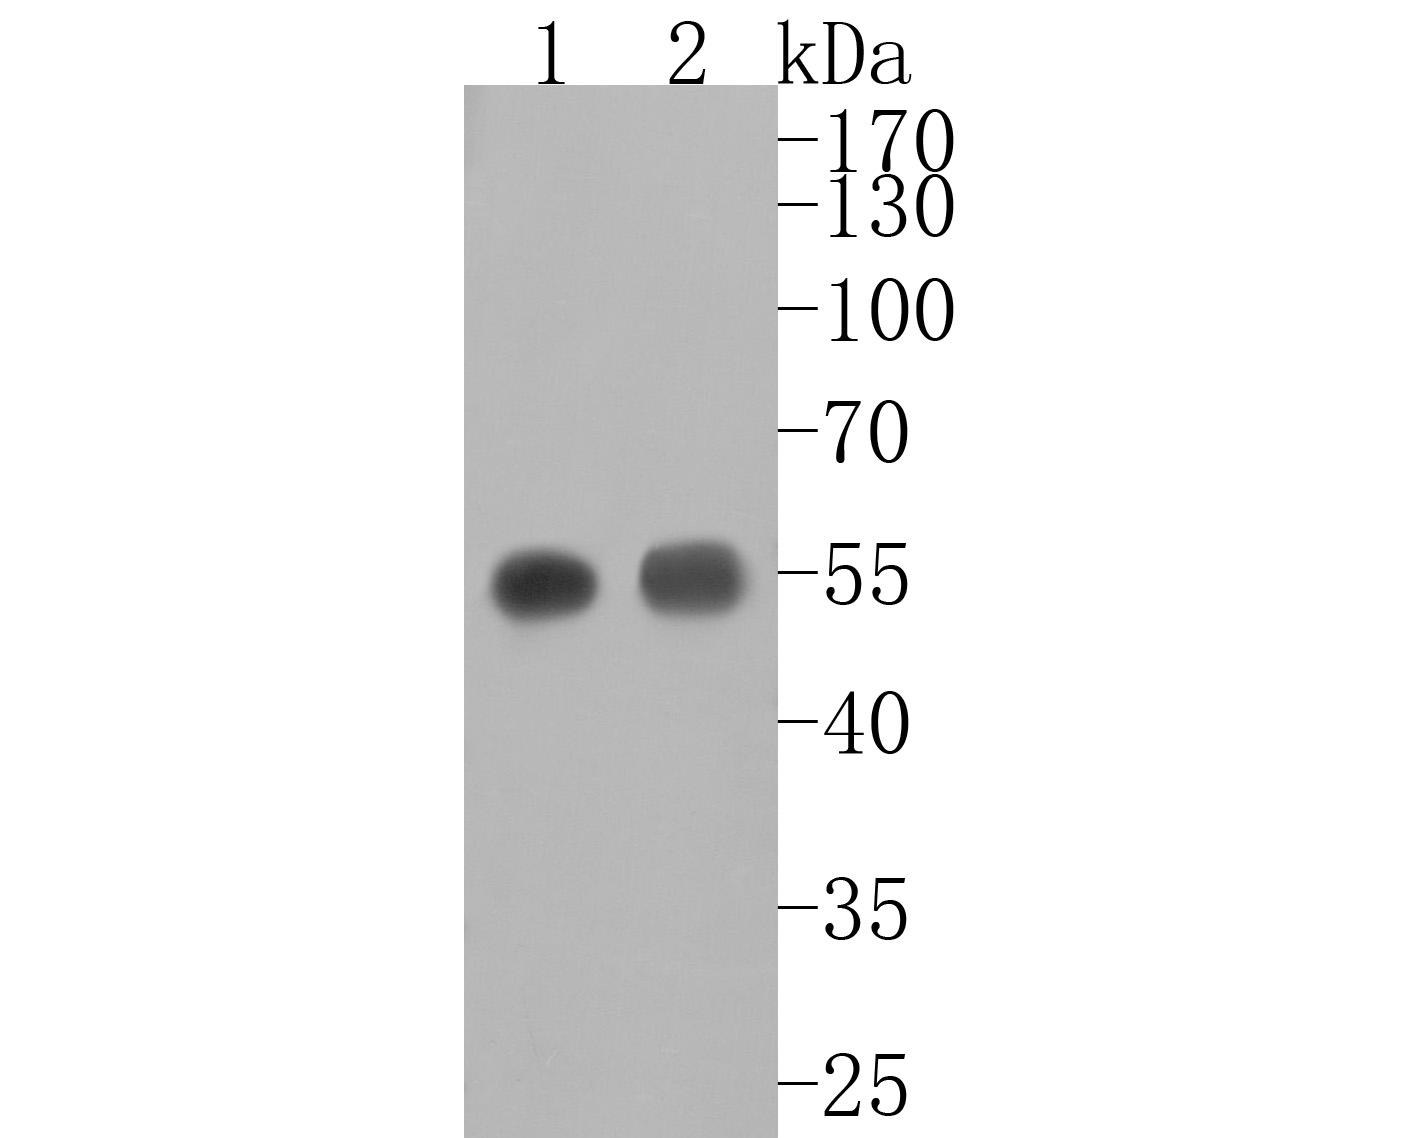 Western blot analysis of alpha sarcoglycan on rat heart cells lysates using anti-alpha sarcoglycan antibody at 1/500 dilution.